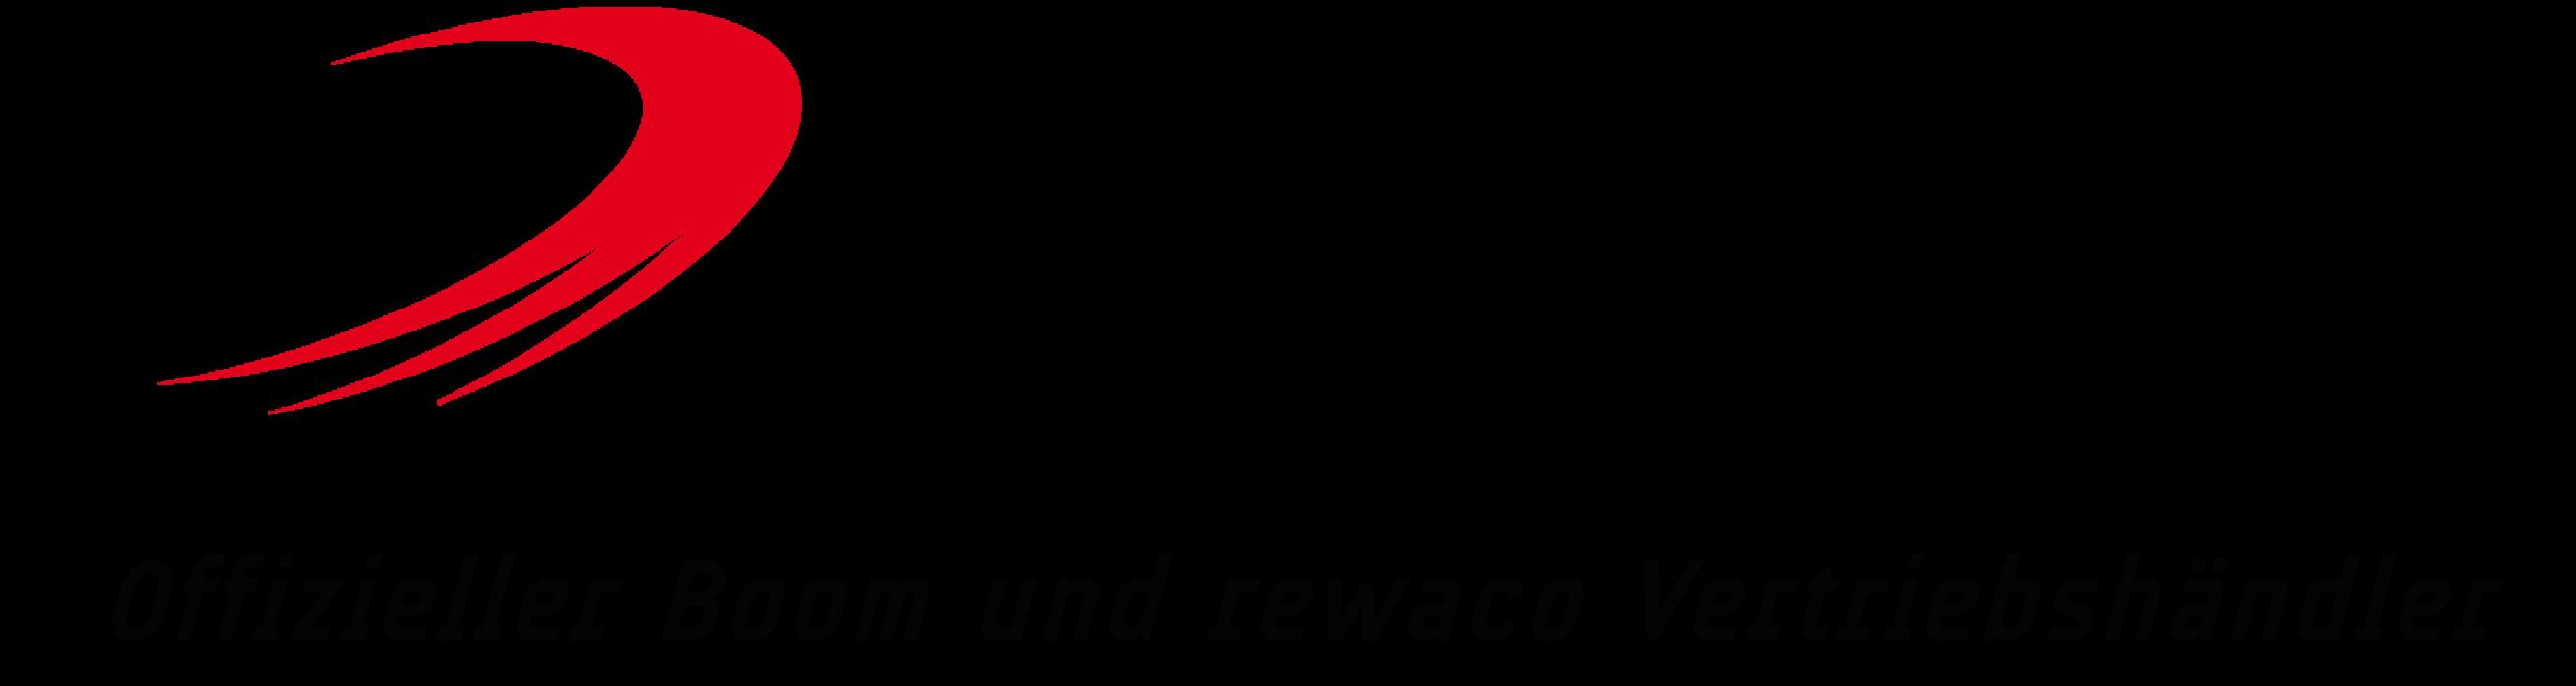 R-Trikes | Offizieller Rewaco und Boom Vertriebshändler